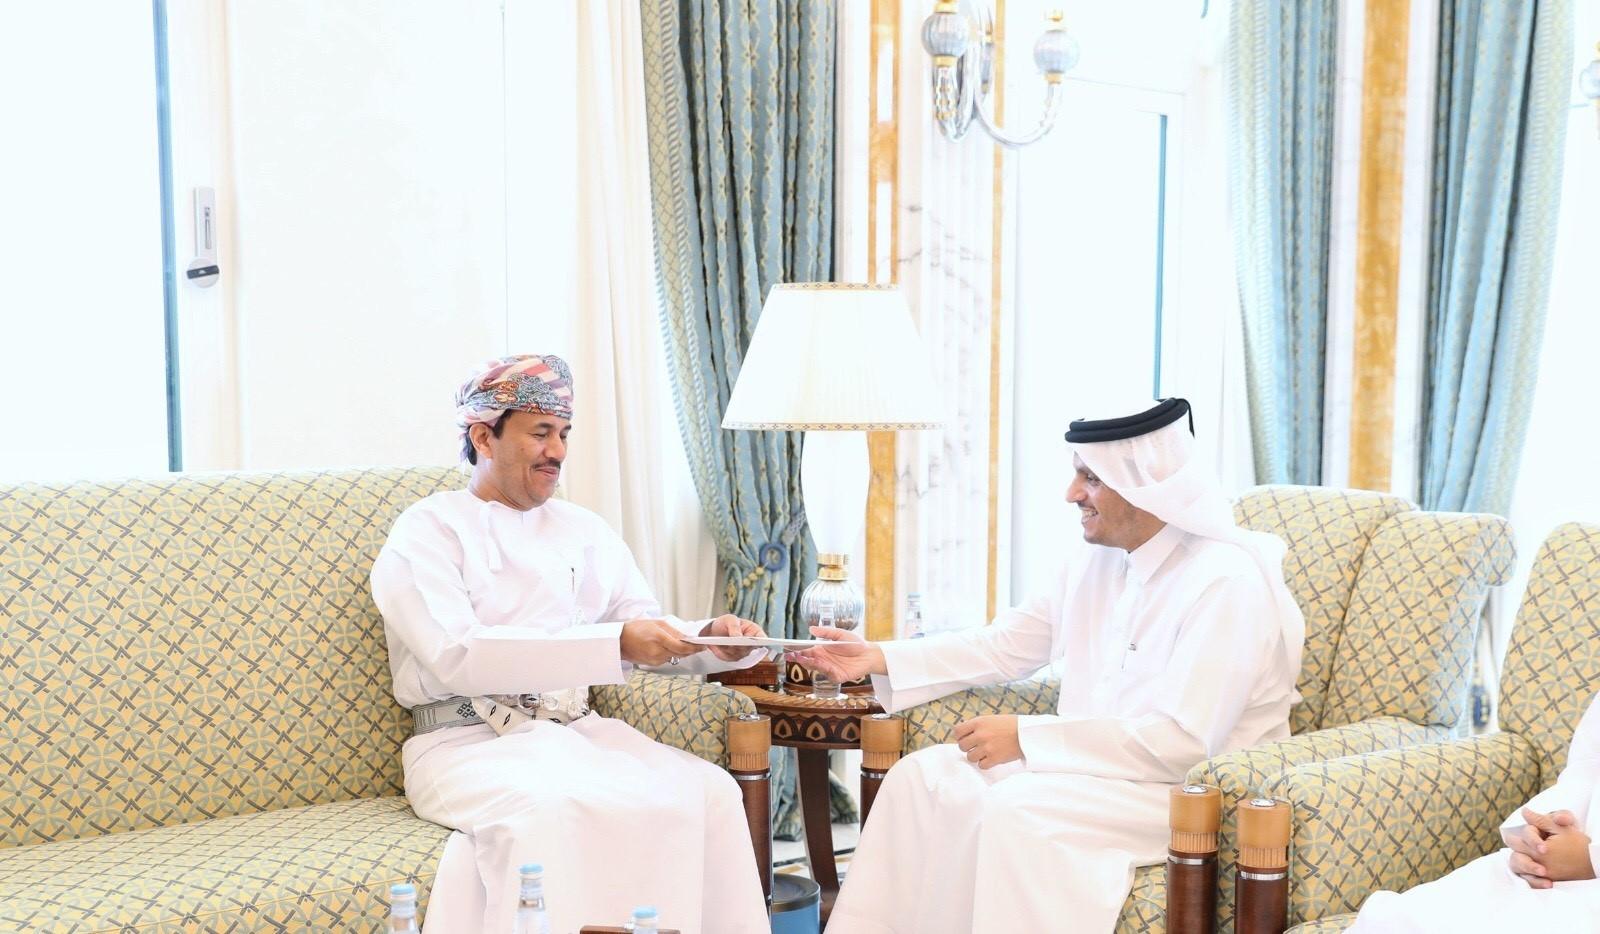 نائب رئيس مجلس الوزراء وزير الخارجية يتسلم رسالة من الوزير المسؤول عن الشؤون الخارجية بسلطنة عمان